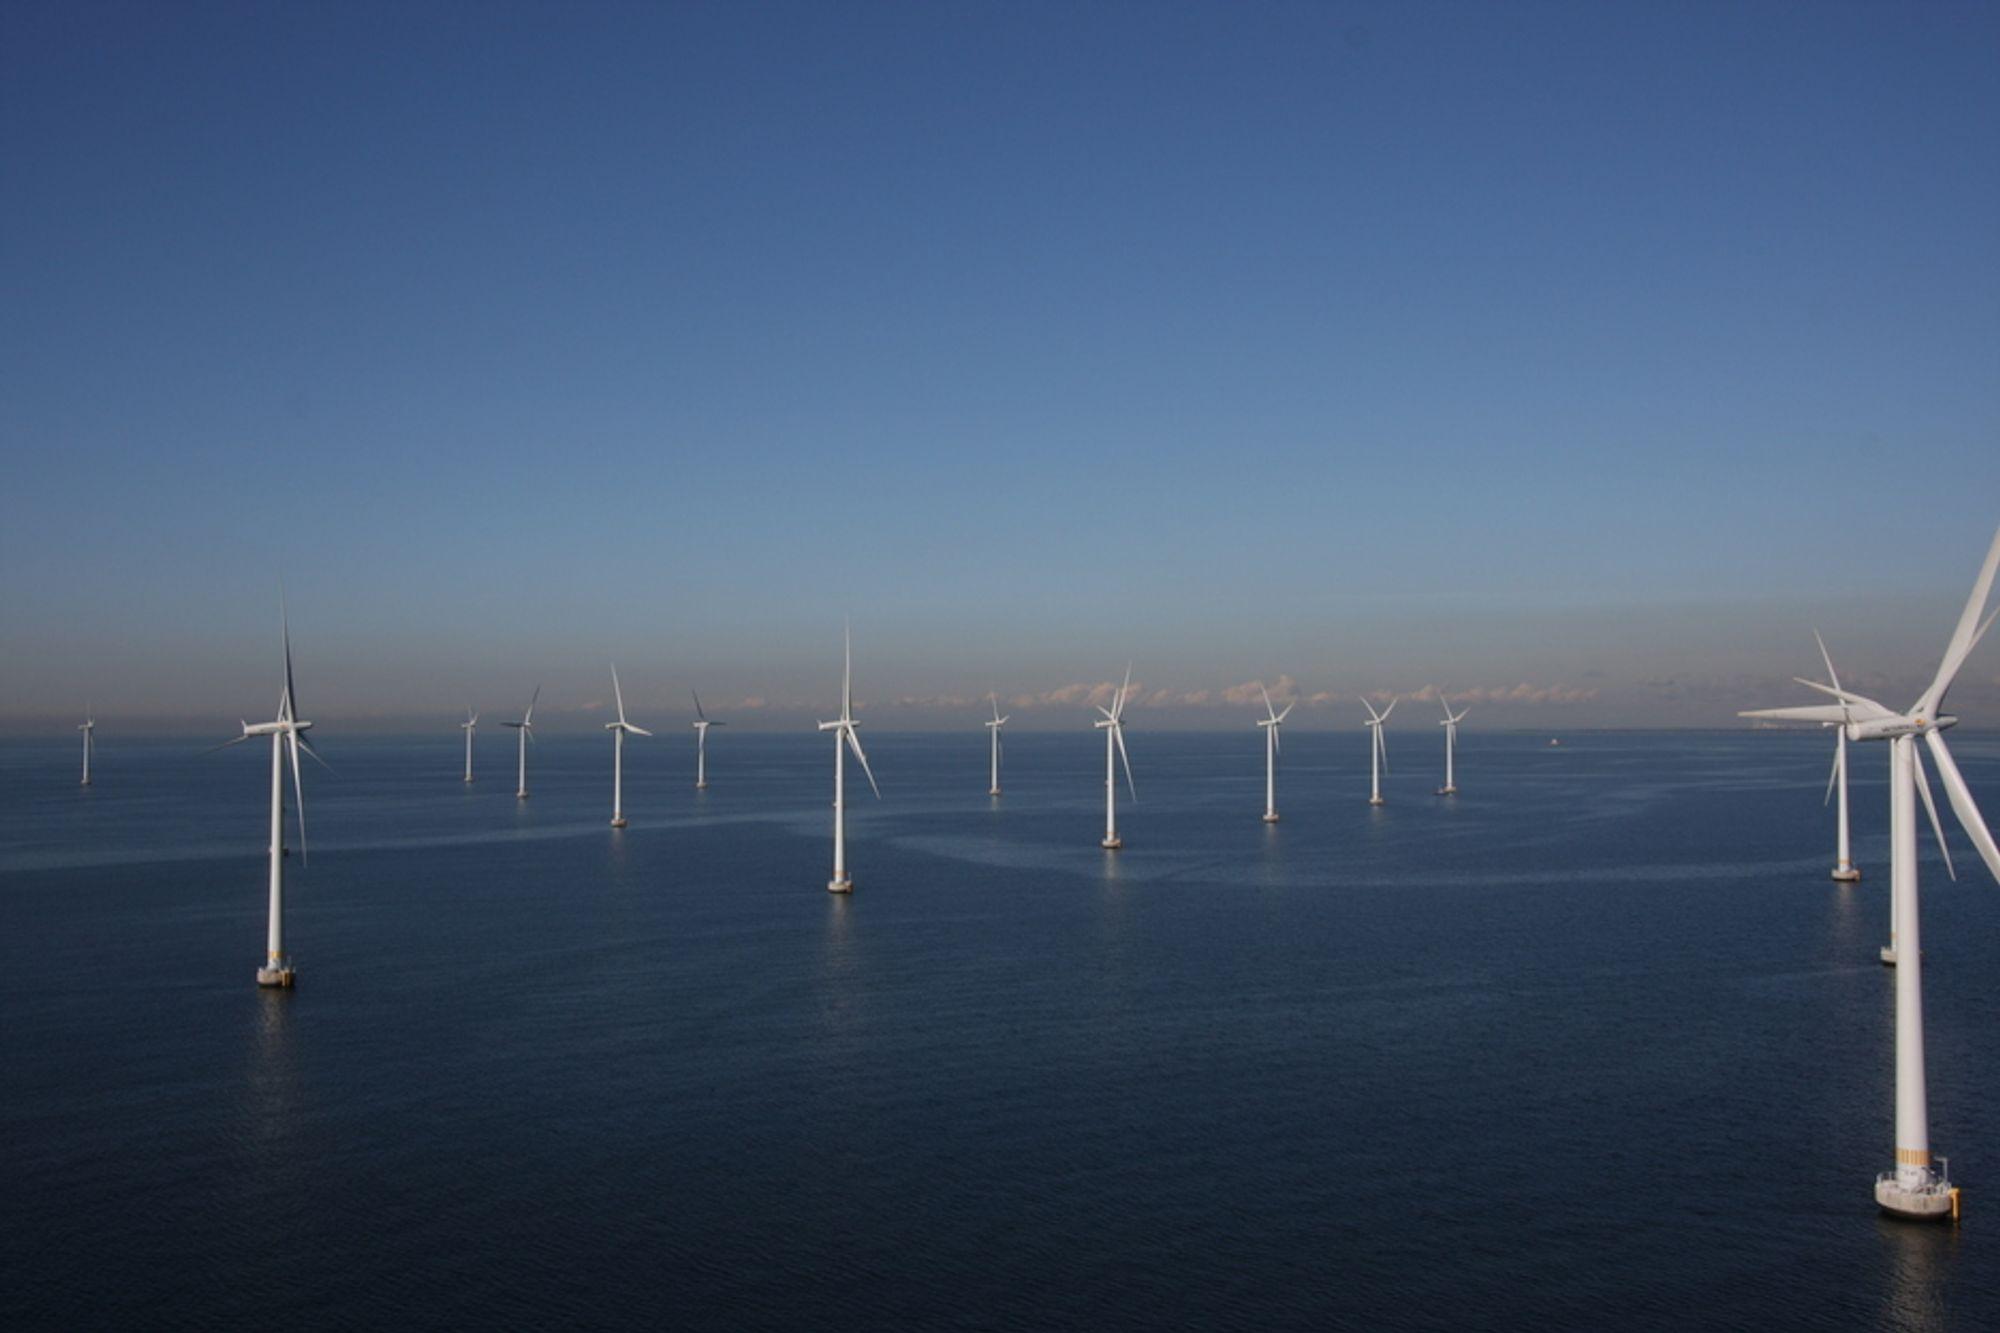 NORSK HAVVIND: Opptil 44 terawattimer strøm kan hentes ut fra norsk sokkel med vindmøller som disse på Lillgrund i Sverige. Det mener en direktoratsgruppe som har valgt ut 15 områder som er spesielt aktuelle for havvind utenfor norskekysten.